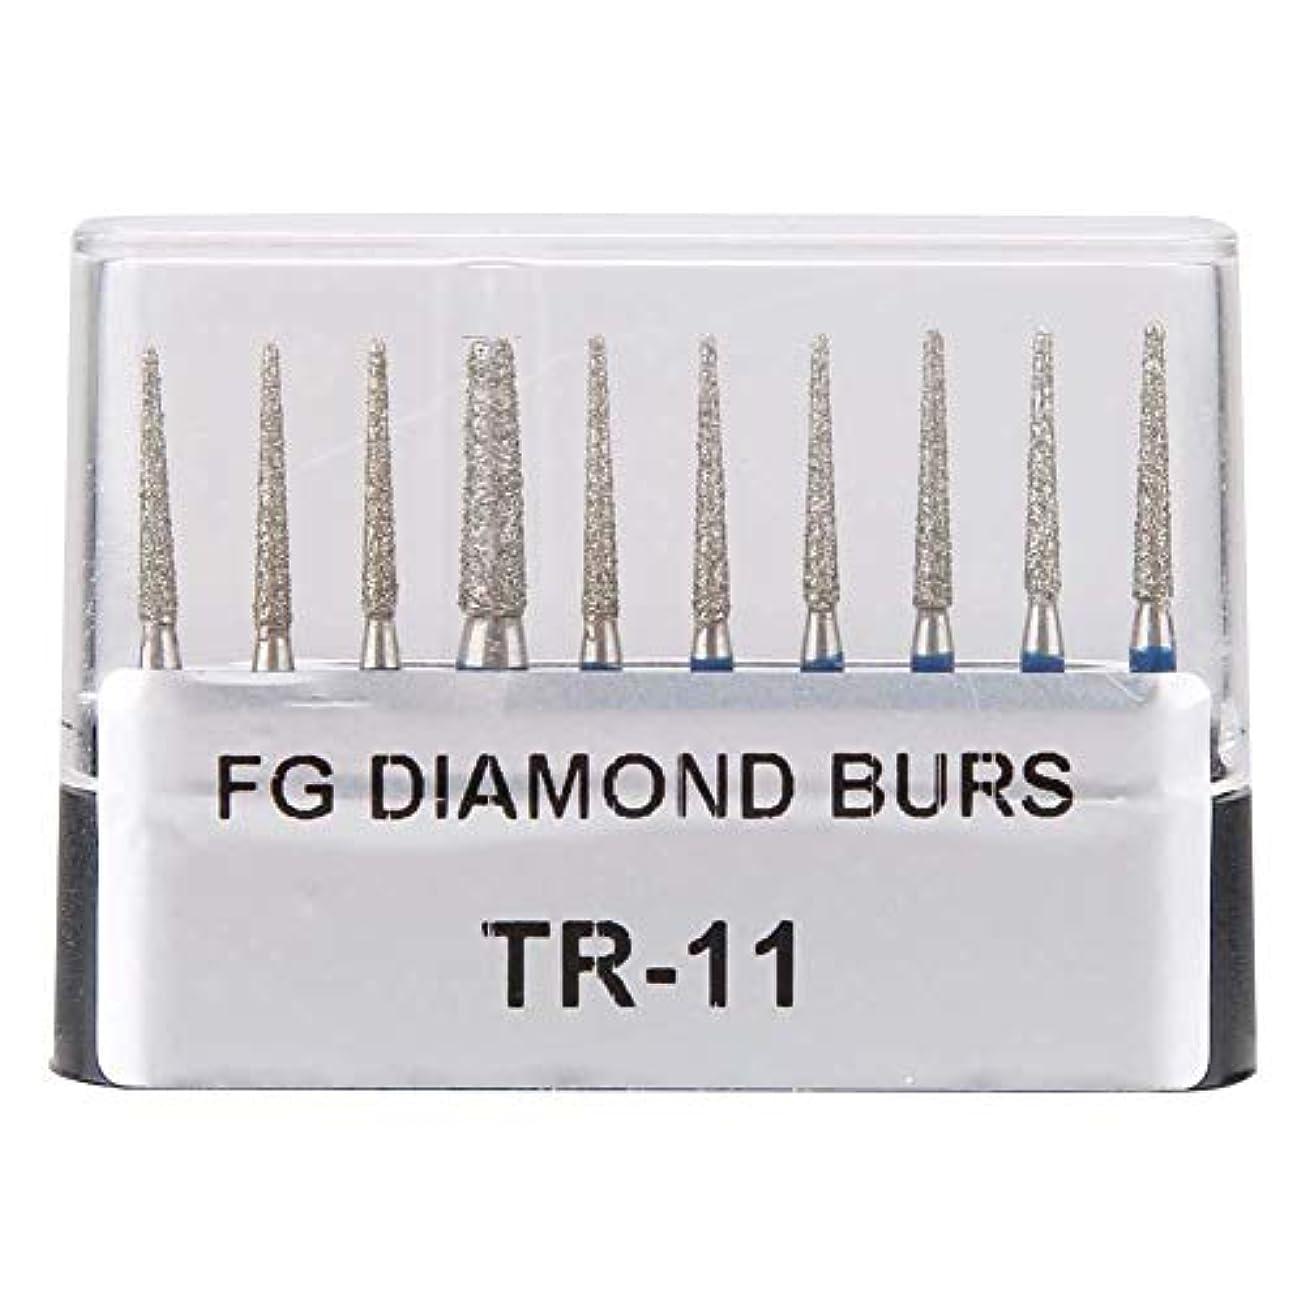 反対するベッドを作る日記TR-11 10pcs / set FG 1.6mm高速歯科用ダイヤモンドバー歯科医用ツール用歯磨き療法